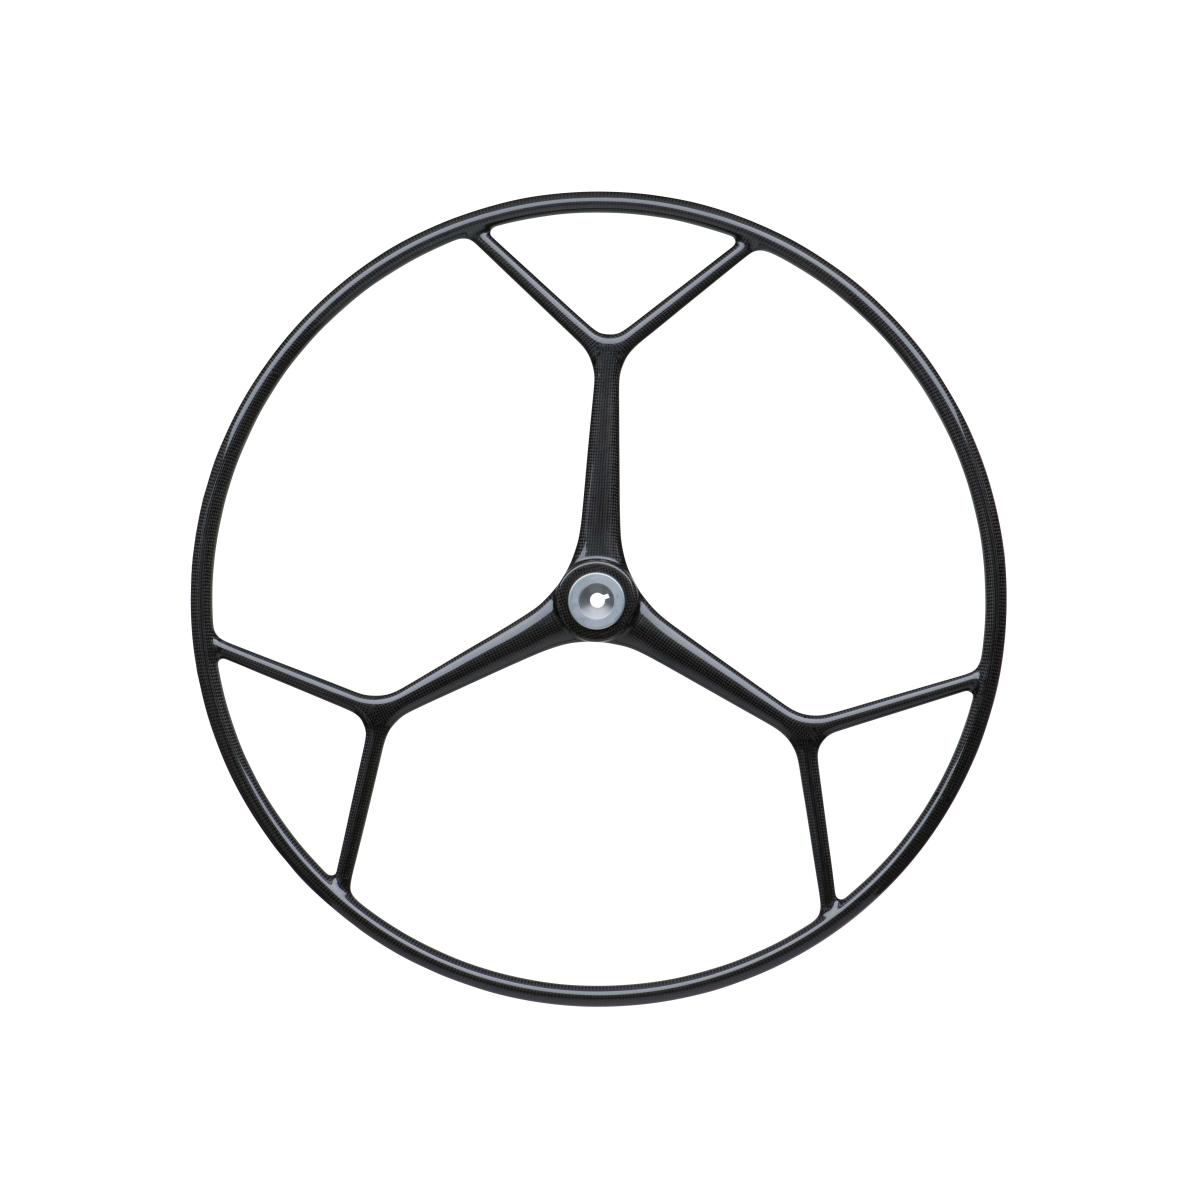 GFC Steering Wheel, race 3-spoke